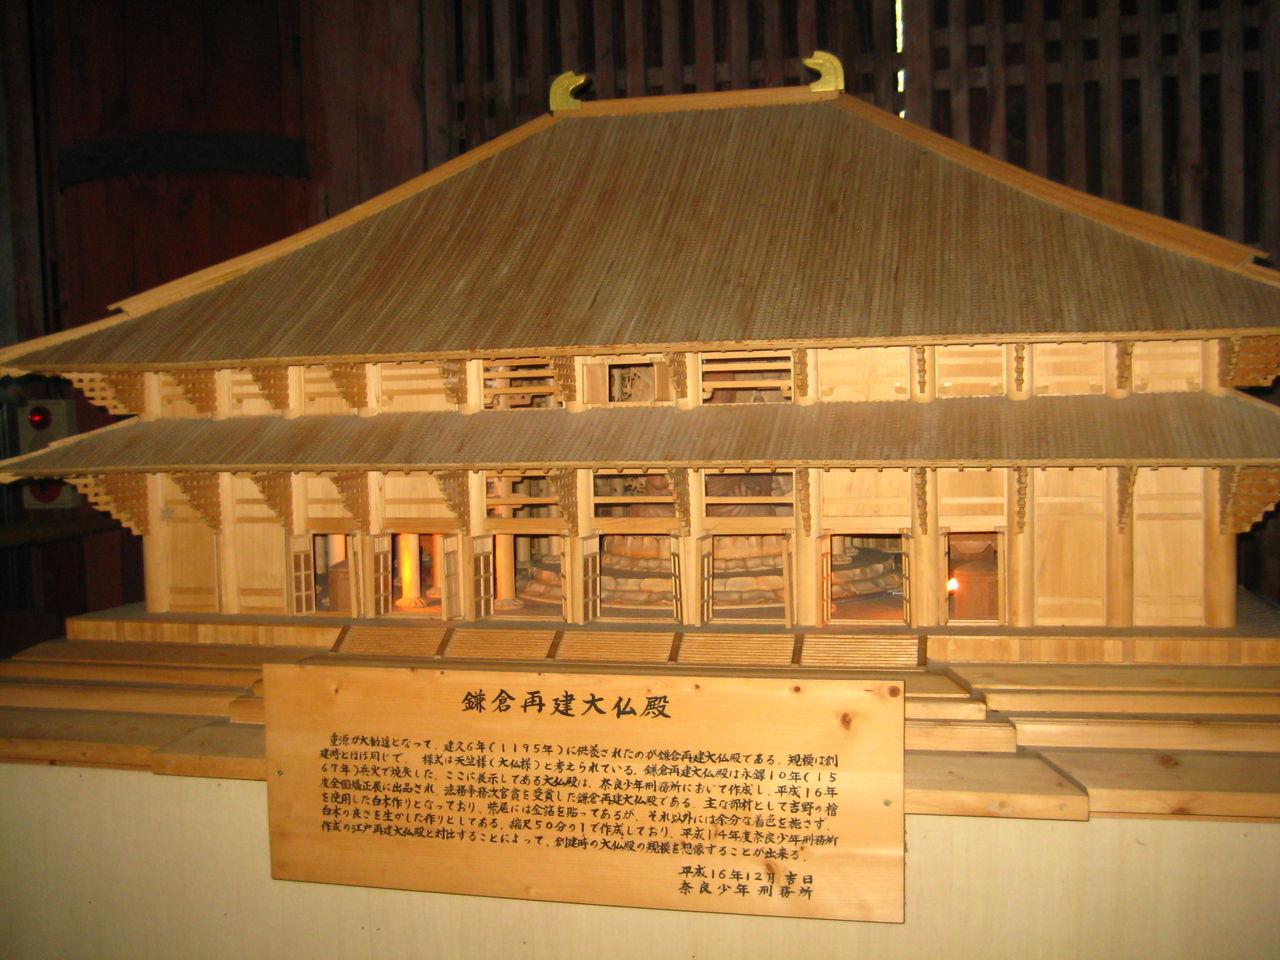 鎌倉再建大仏殿模型